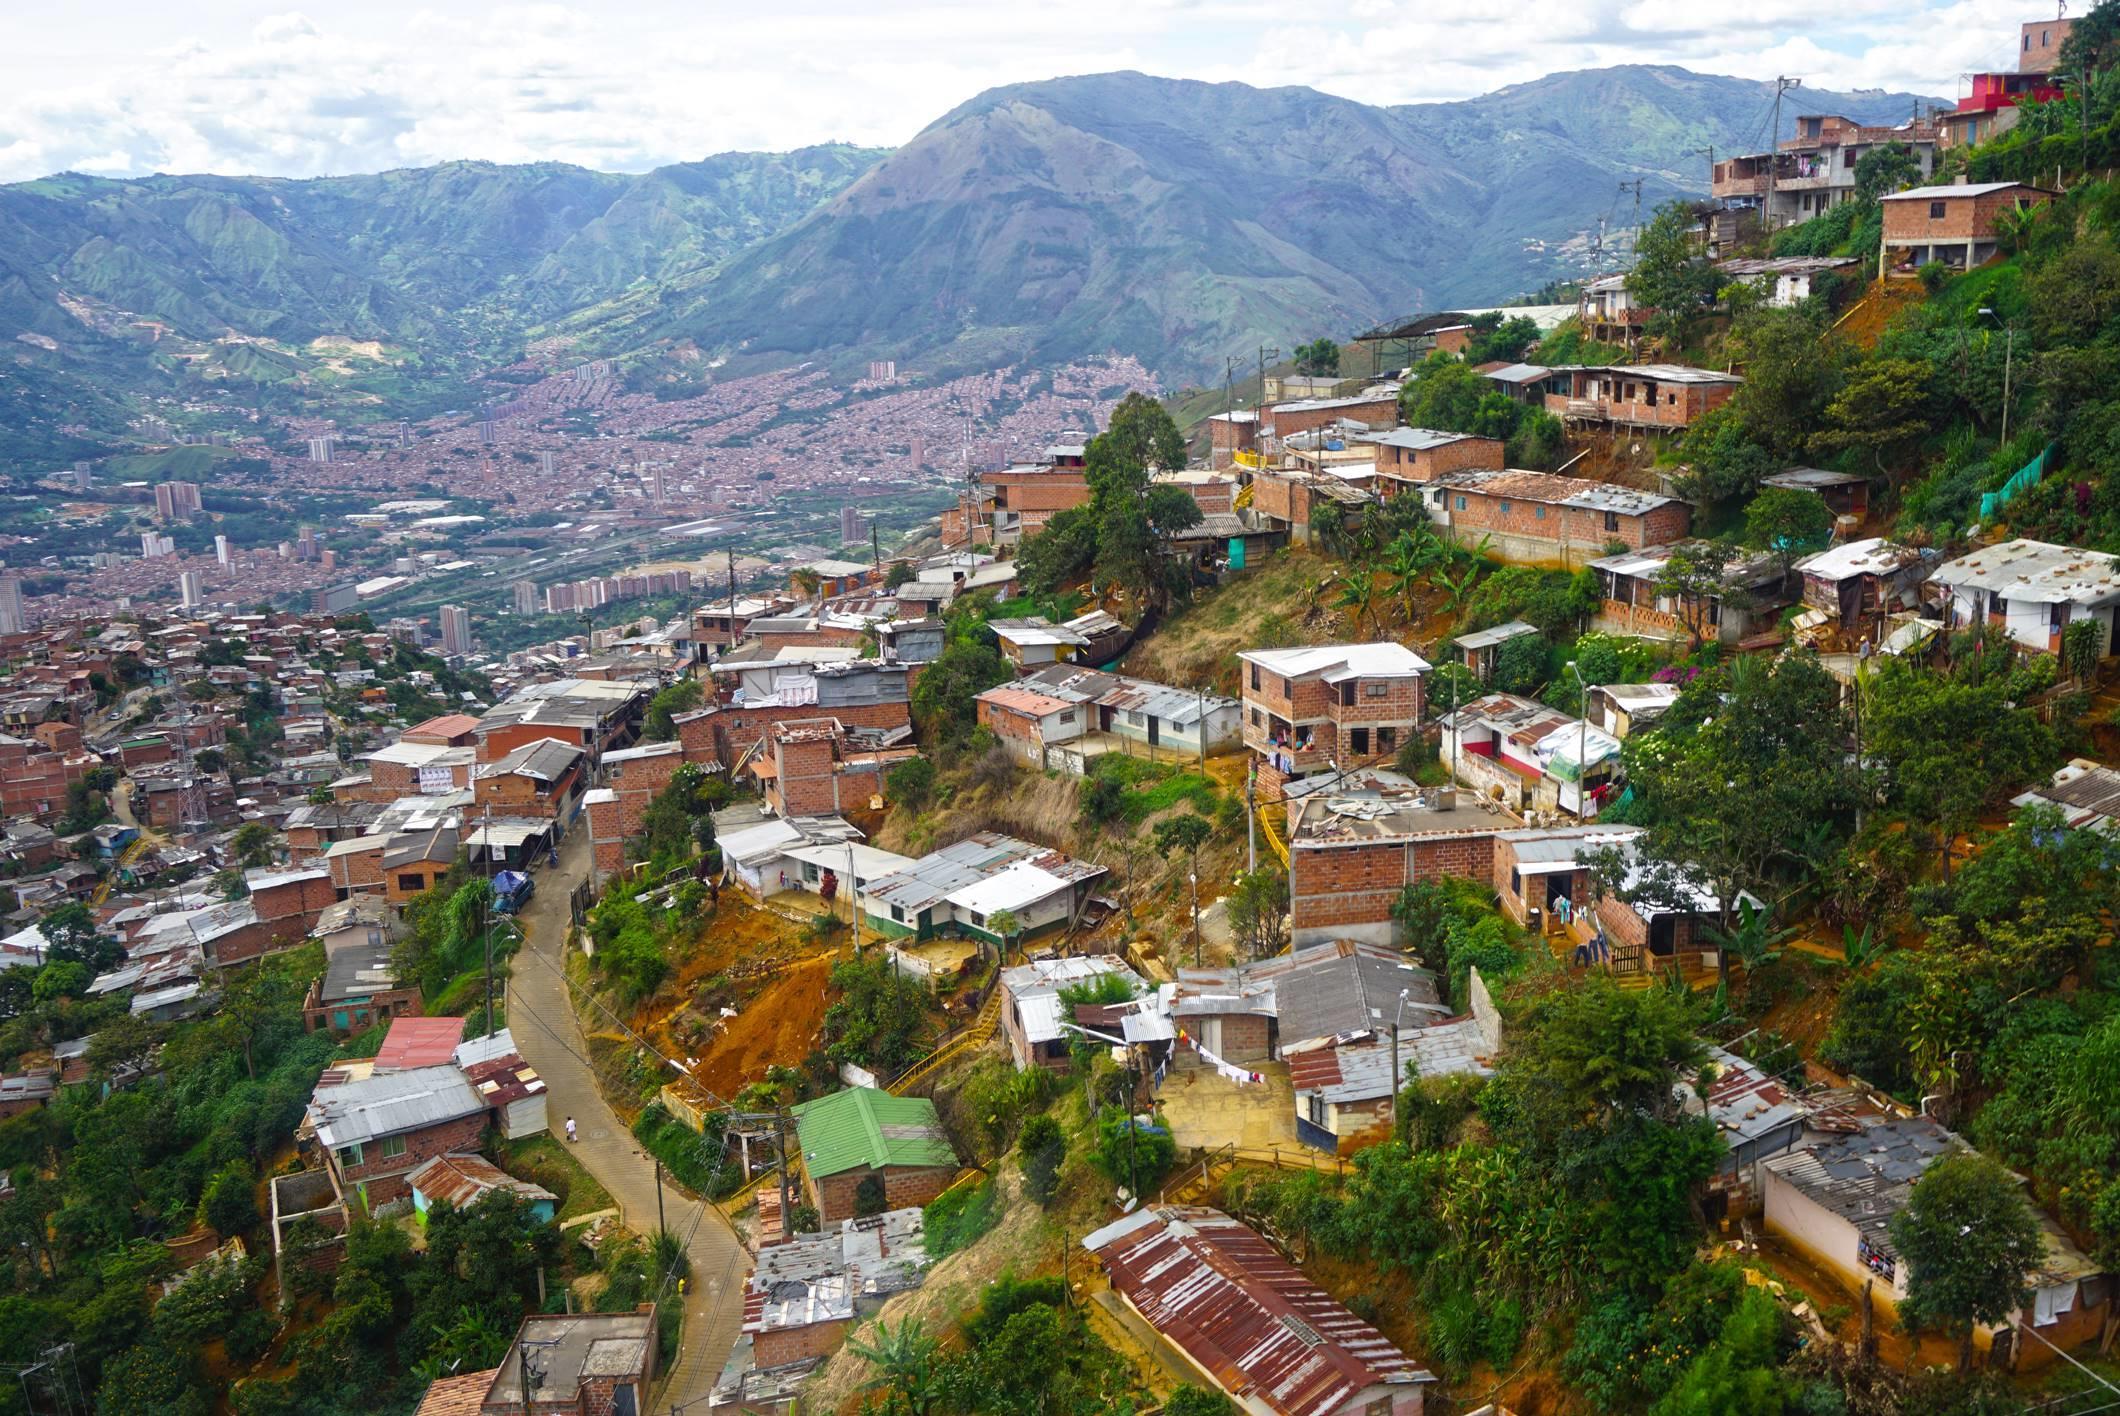 Pohľad na chudobné a nebezpečné časti Medellinu.